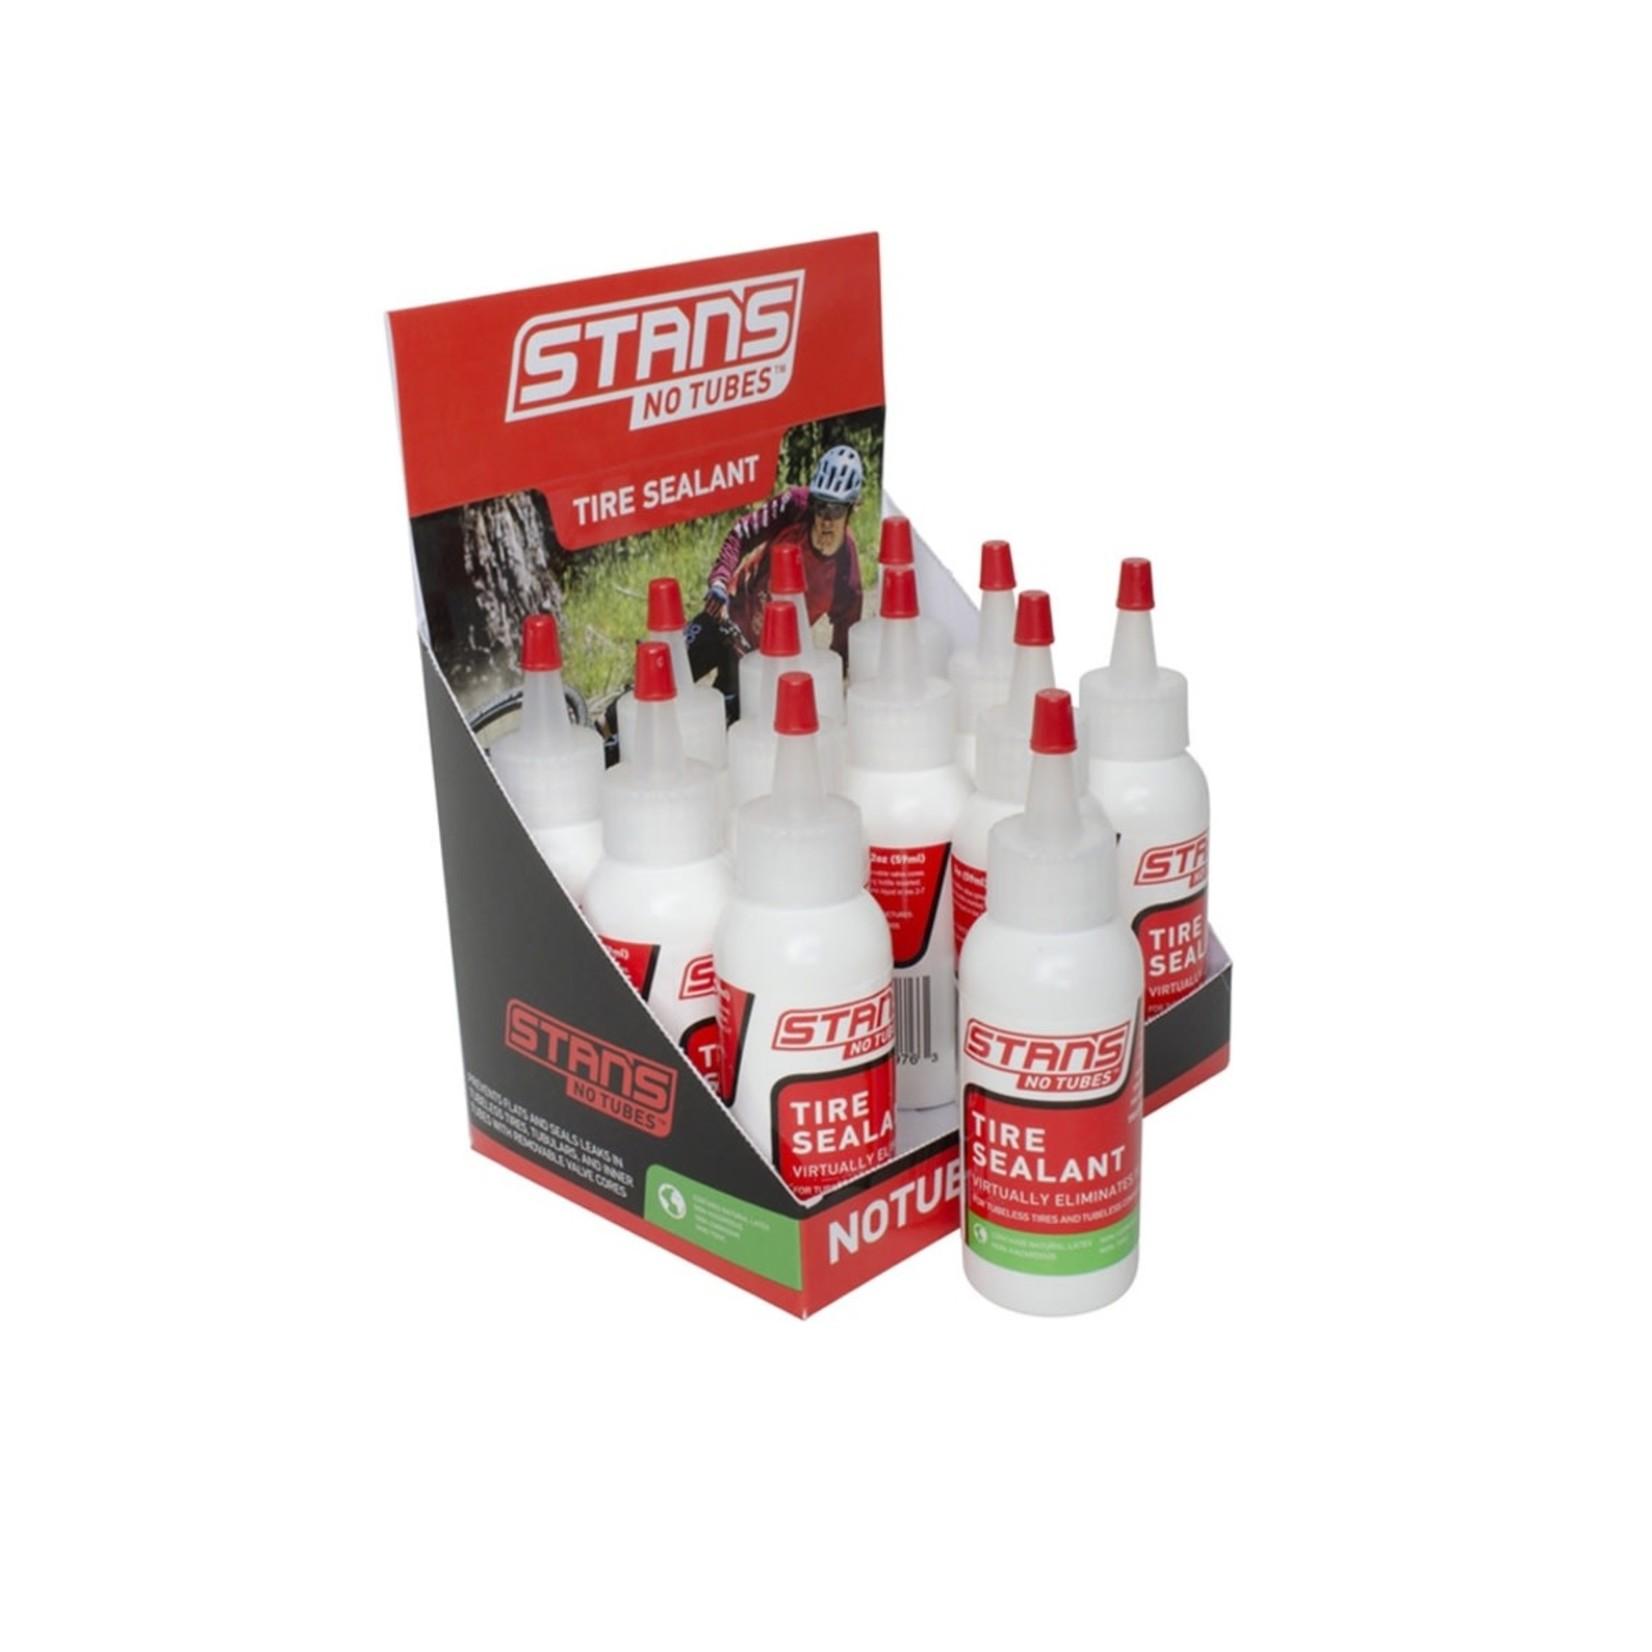 Stan's No-Tubes ST0071 2oz TIRE SEALANT 1-TIRE ea (12/bx)